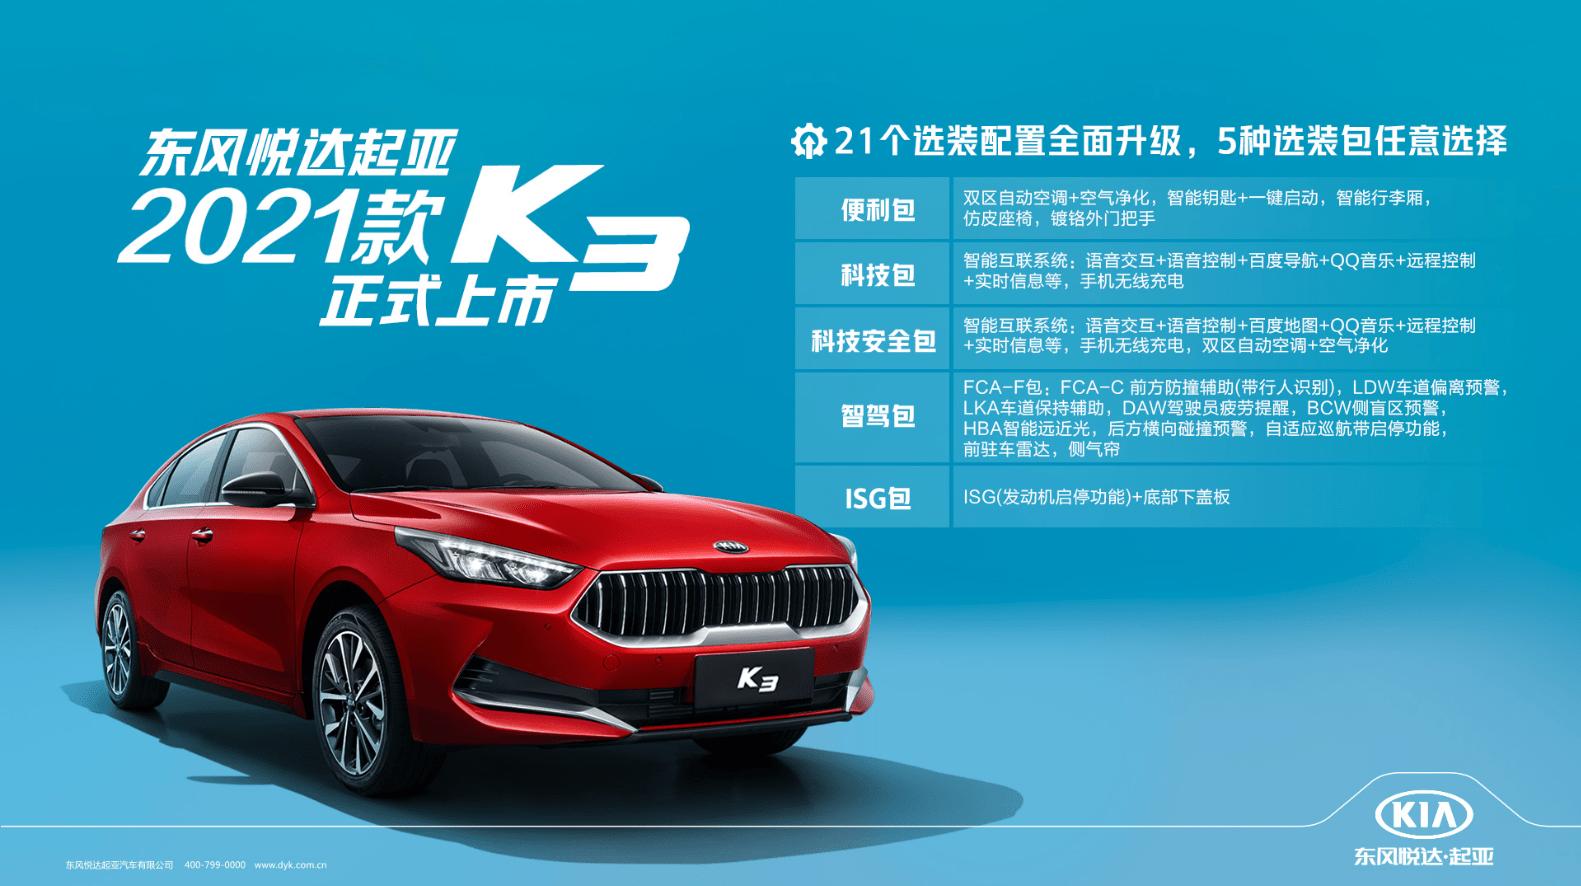 2021款起亚K3正式上市 售价10.98万元起_配置